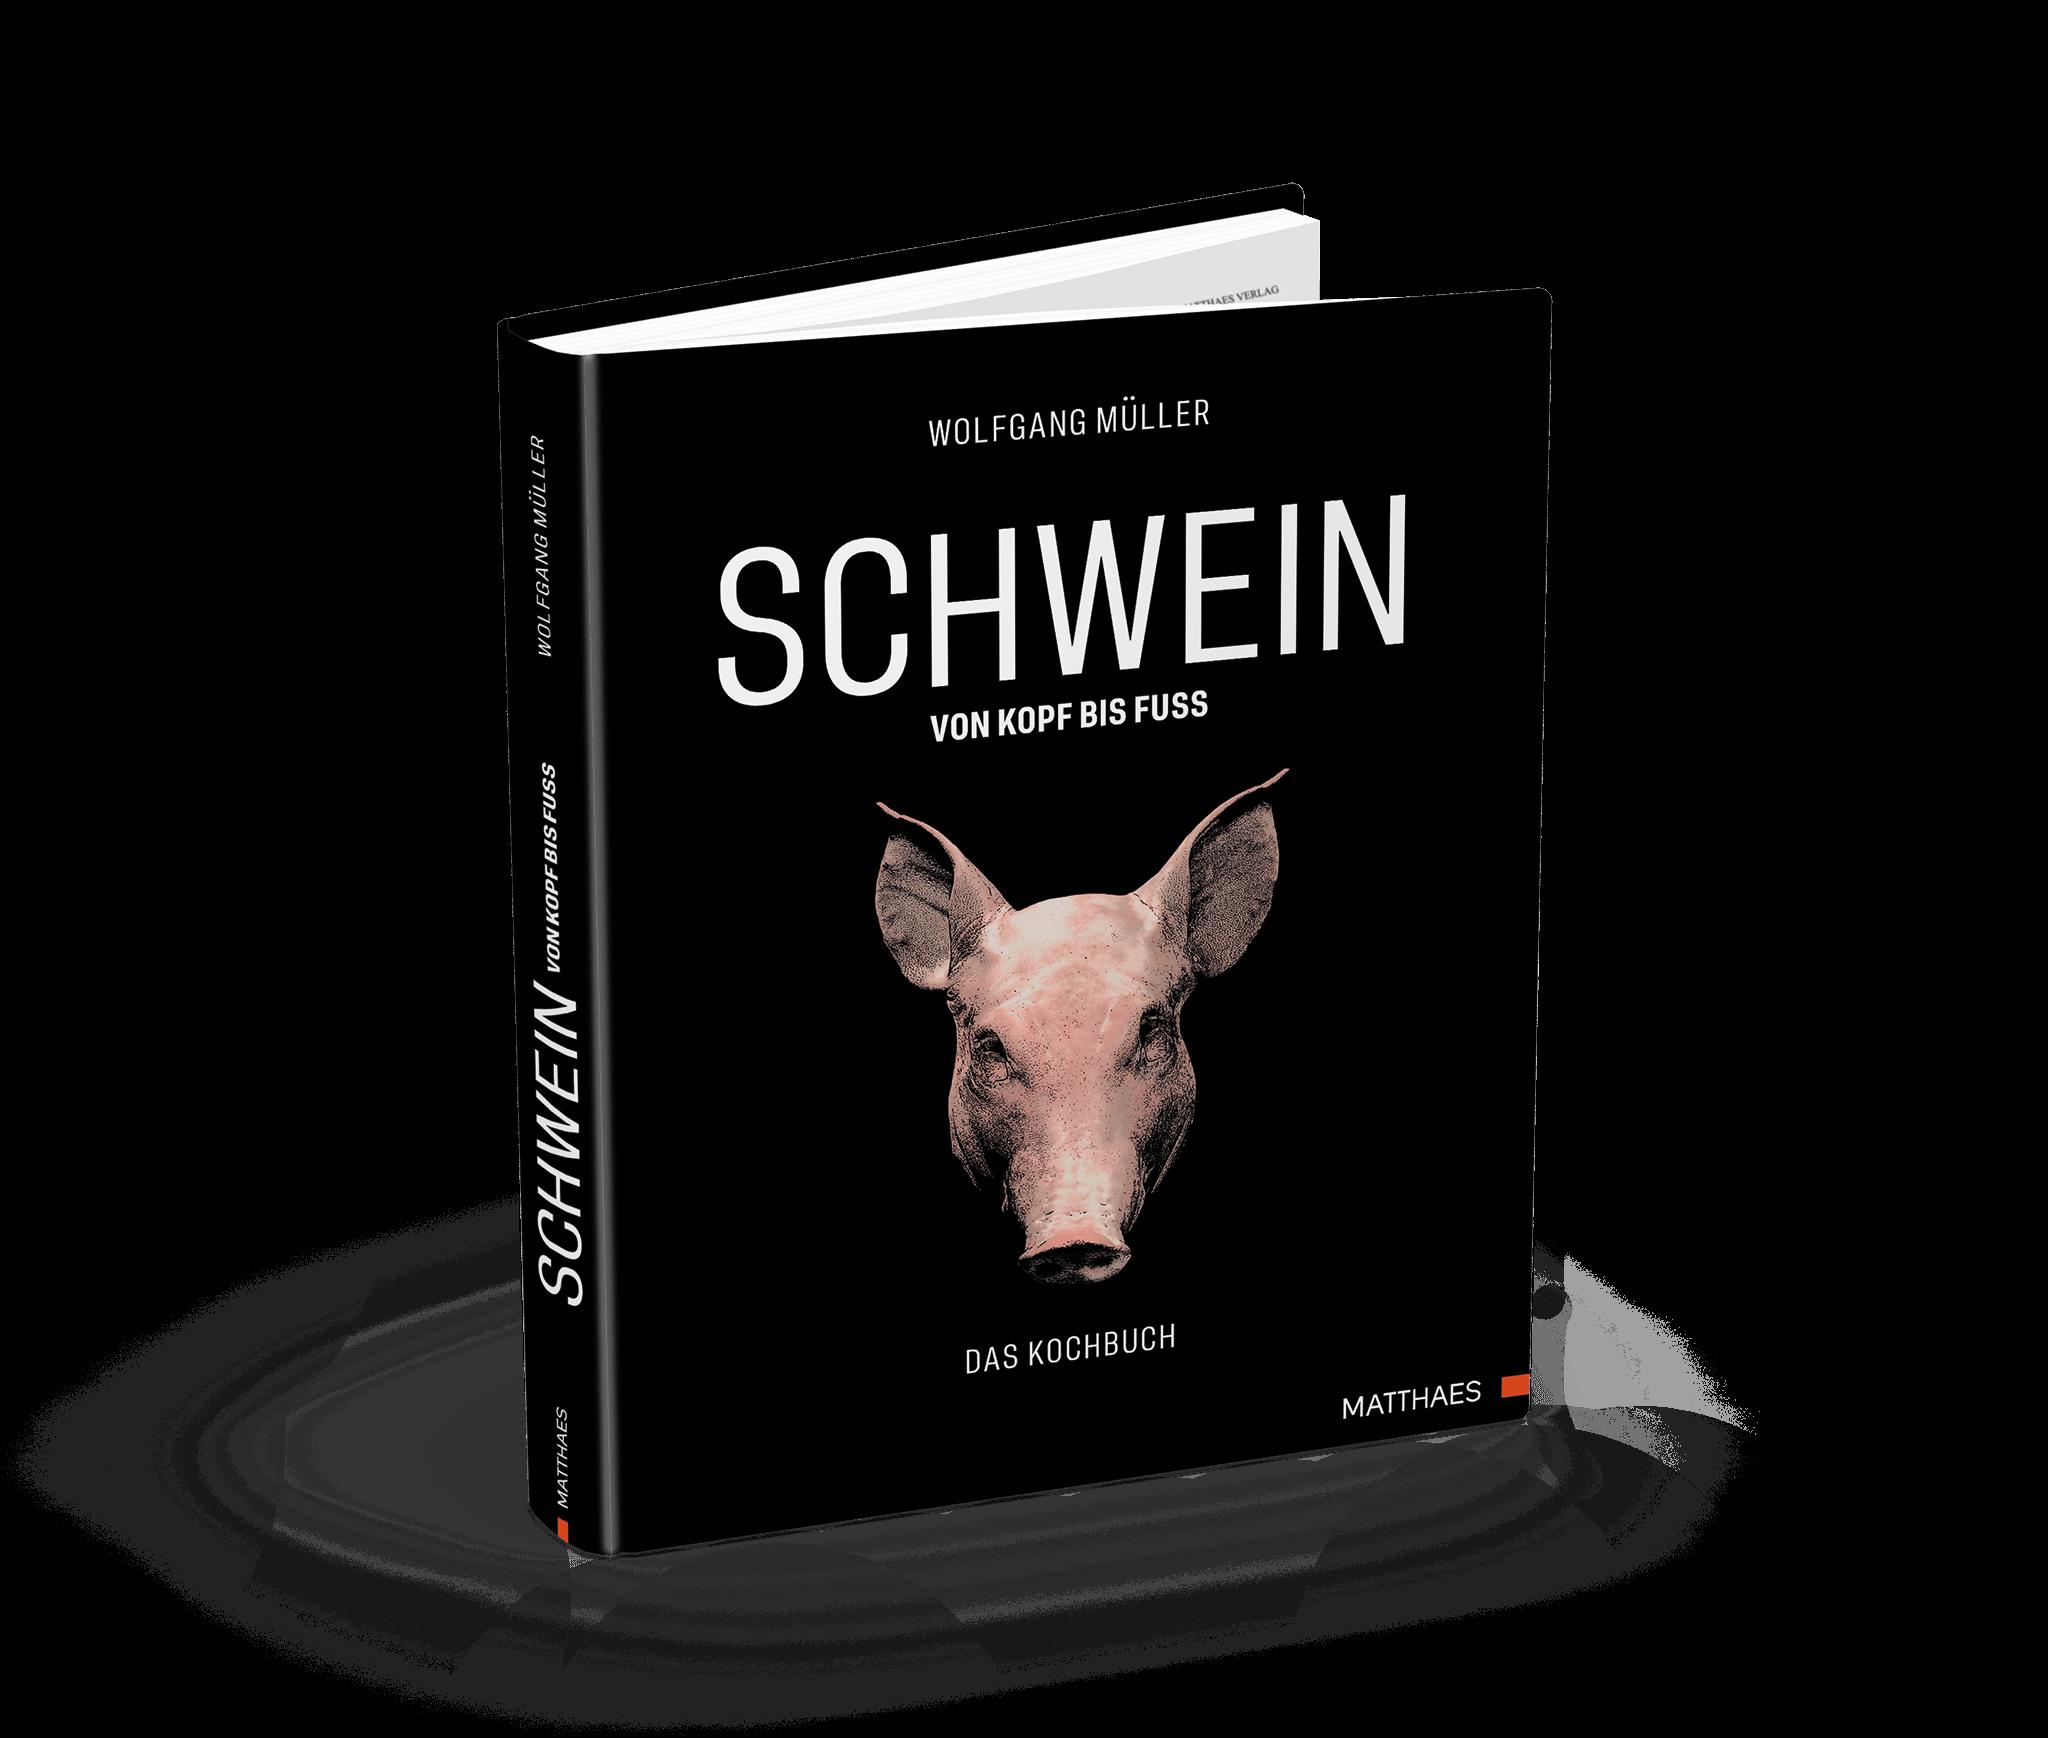 schwein-cover